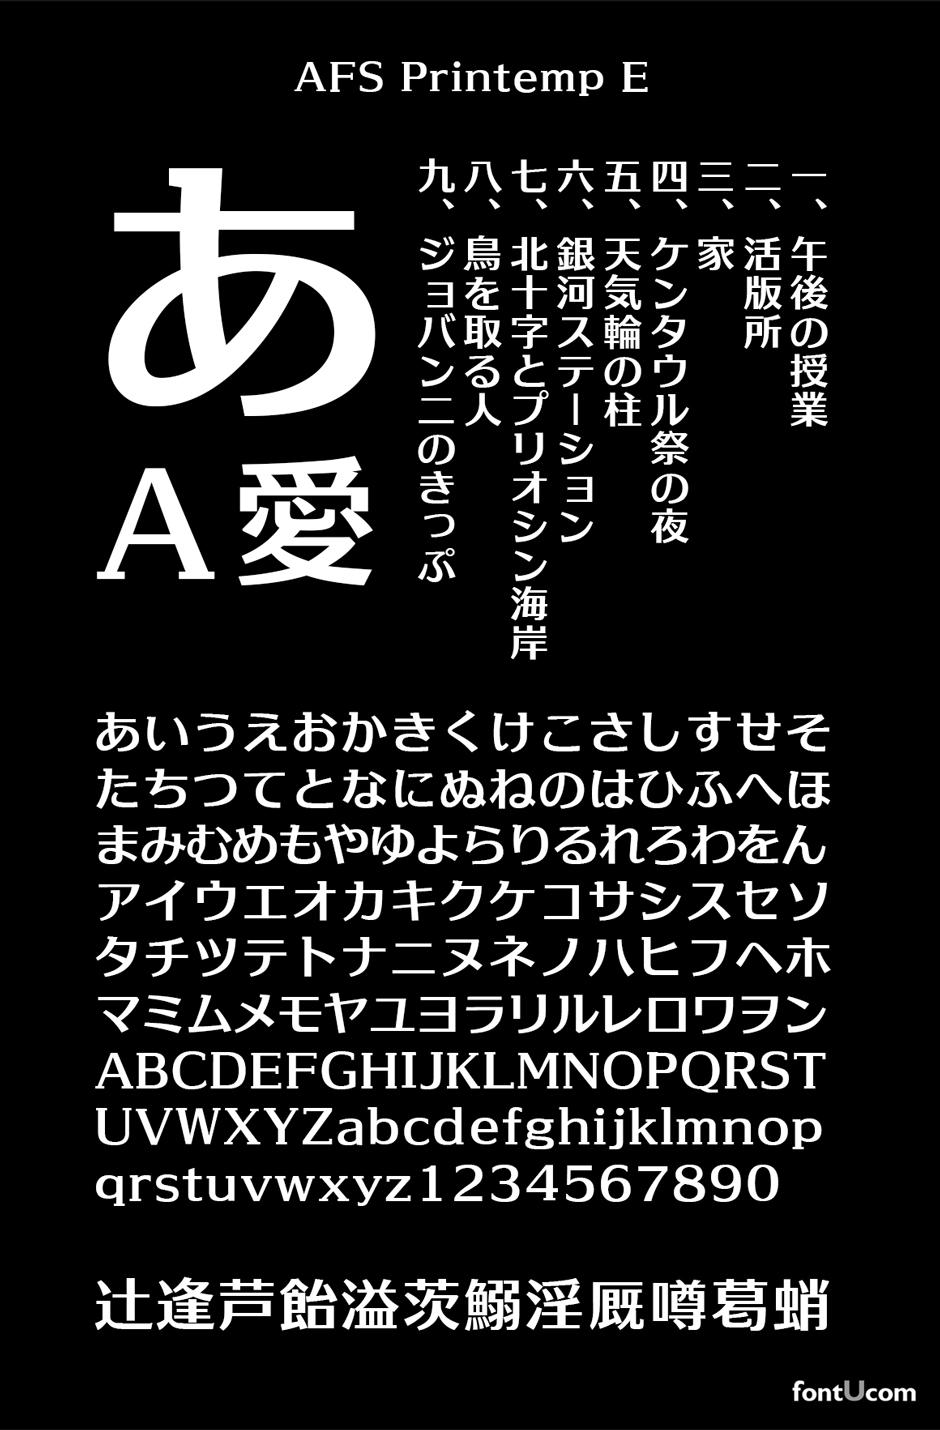 AFS Printemps E